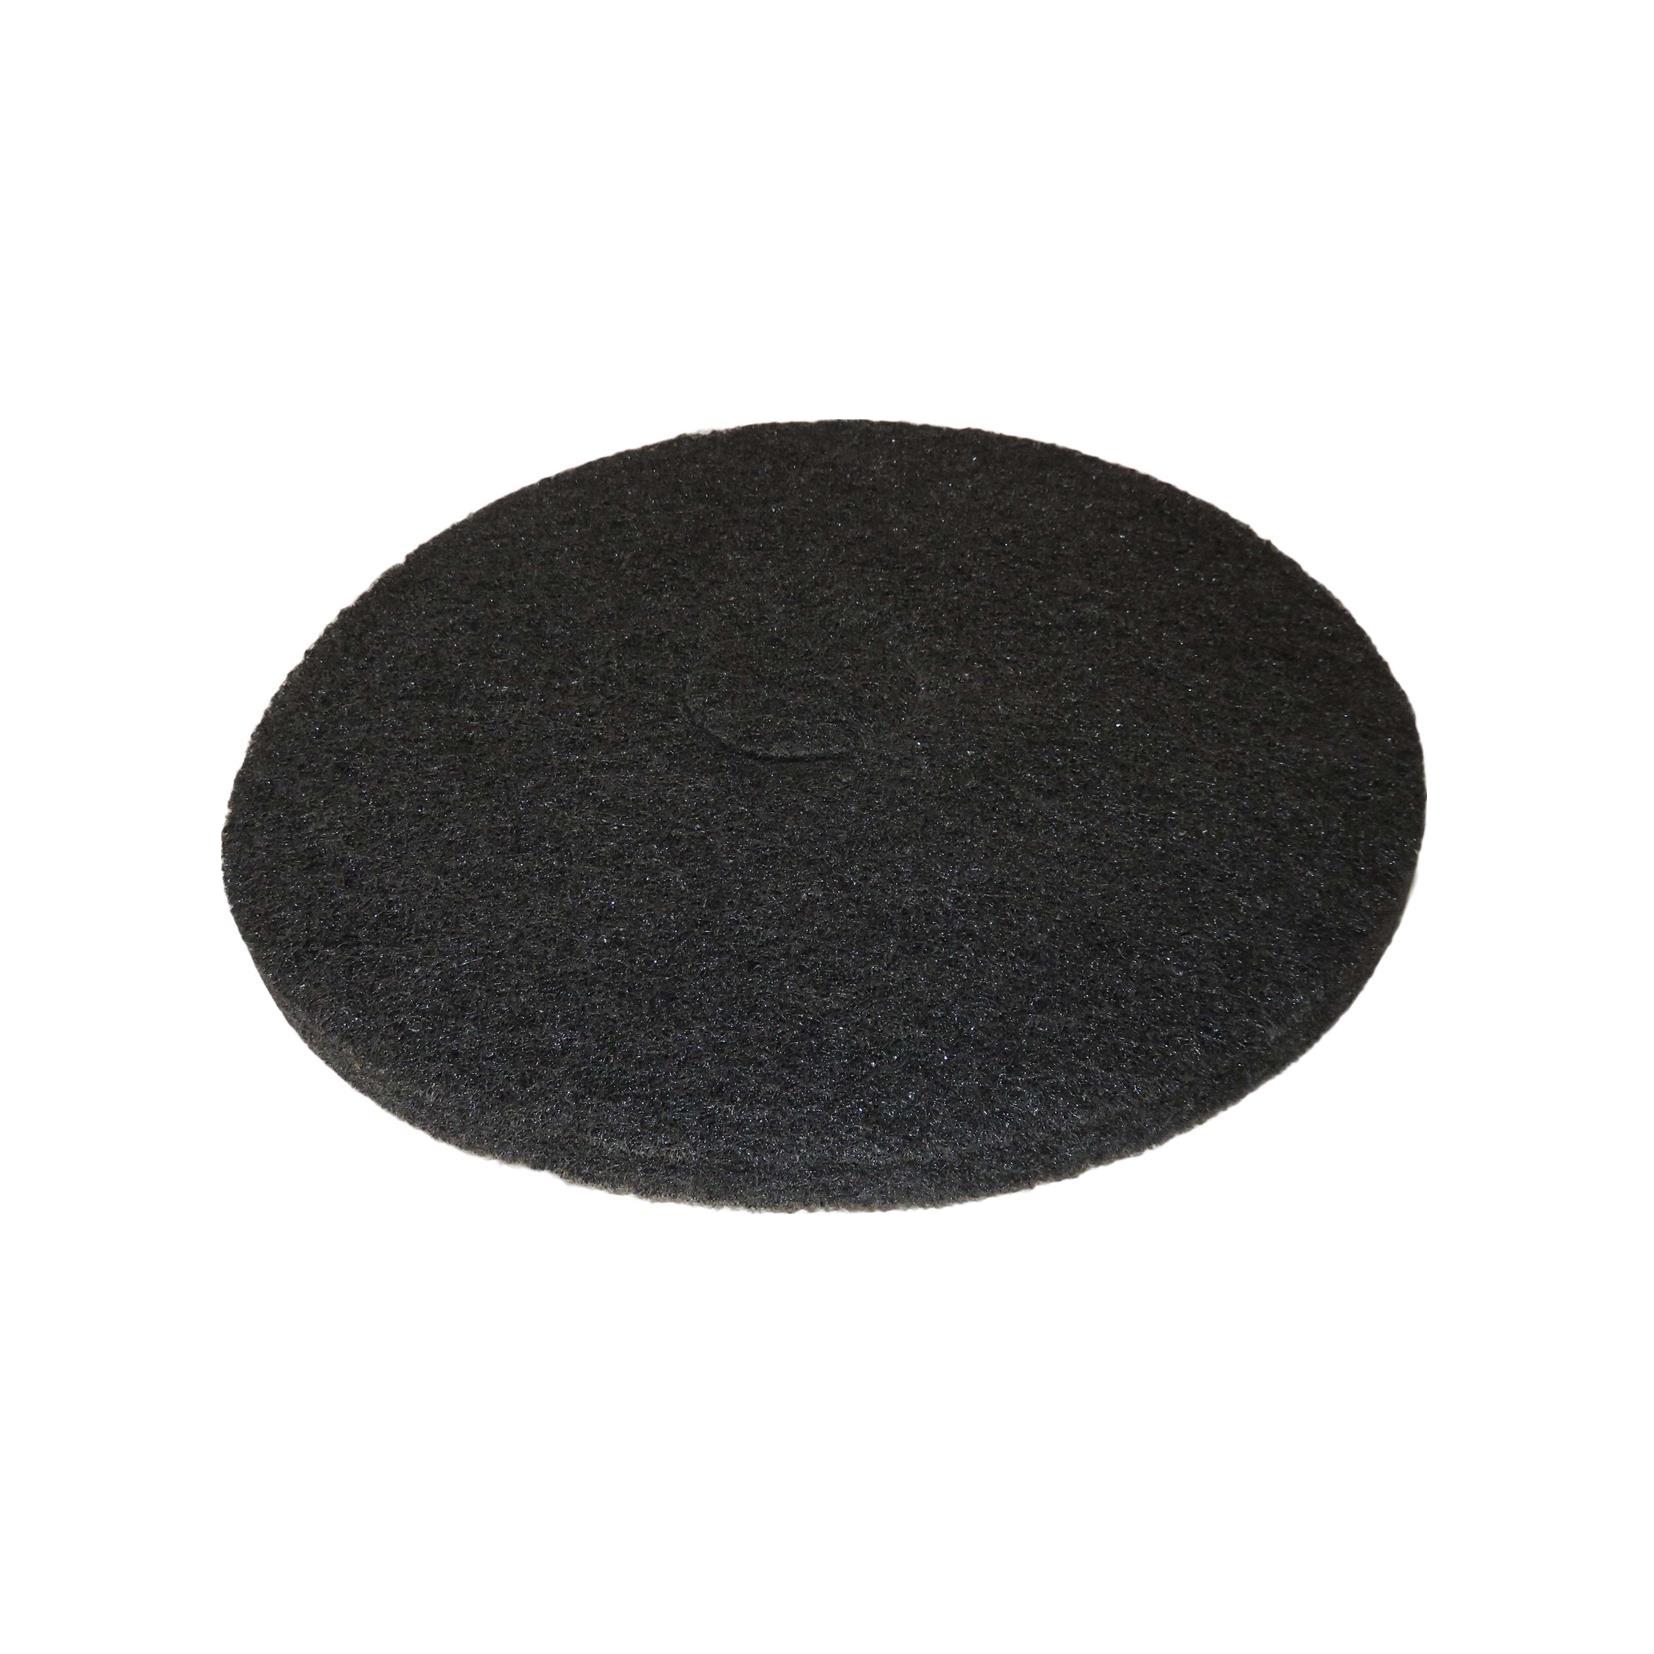 Hectoserve Black Floor Pads